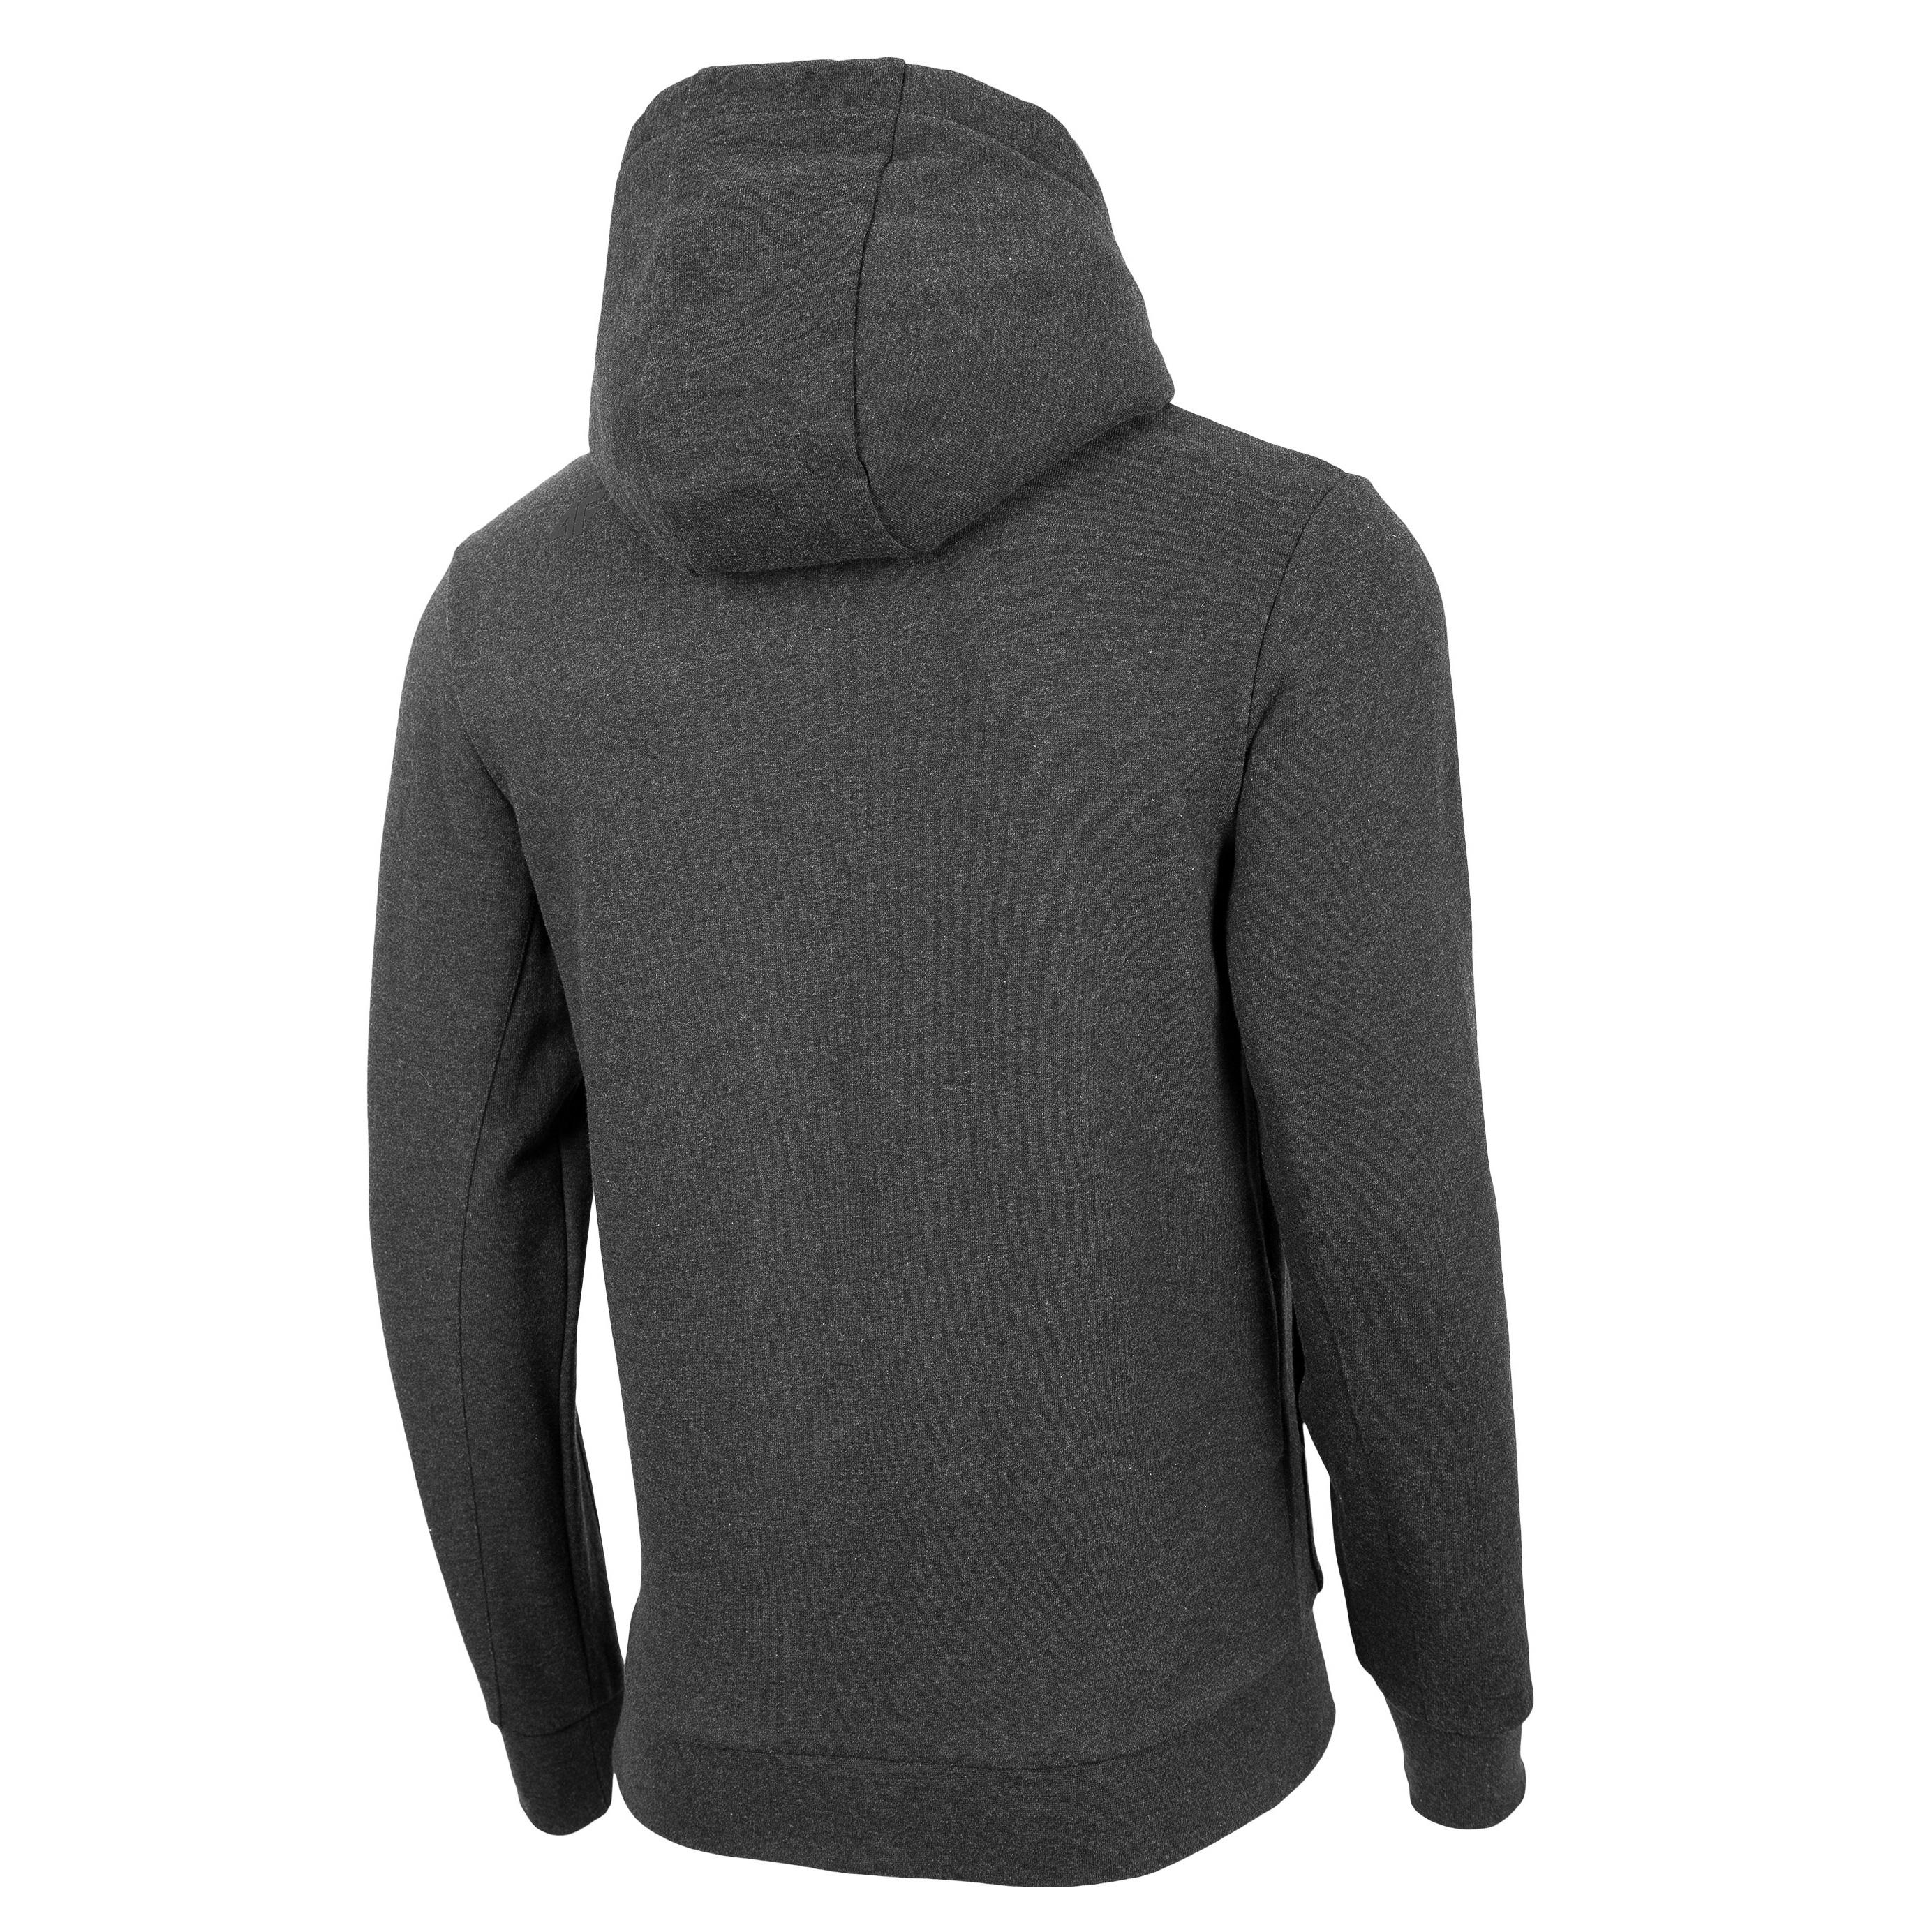 Casual Wear -  4f Men Sweatshirt BLM074